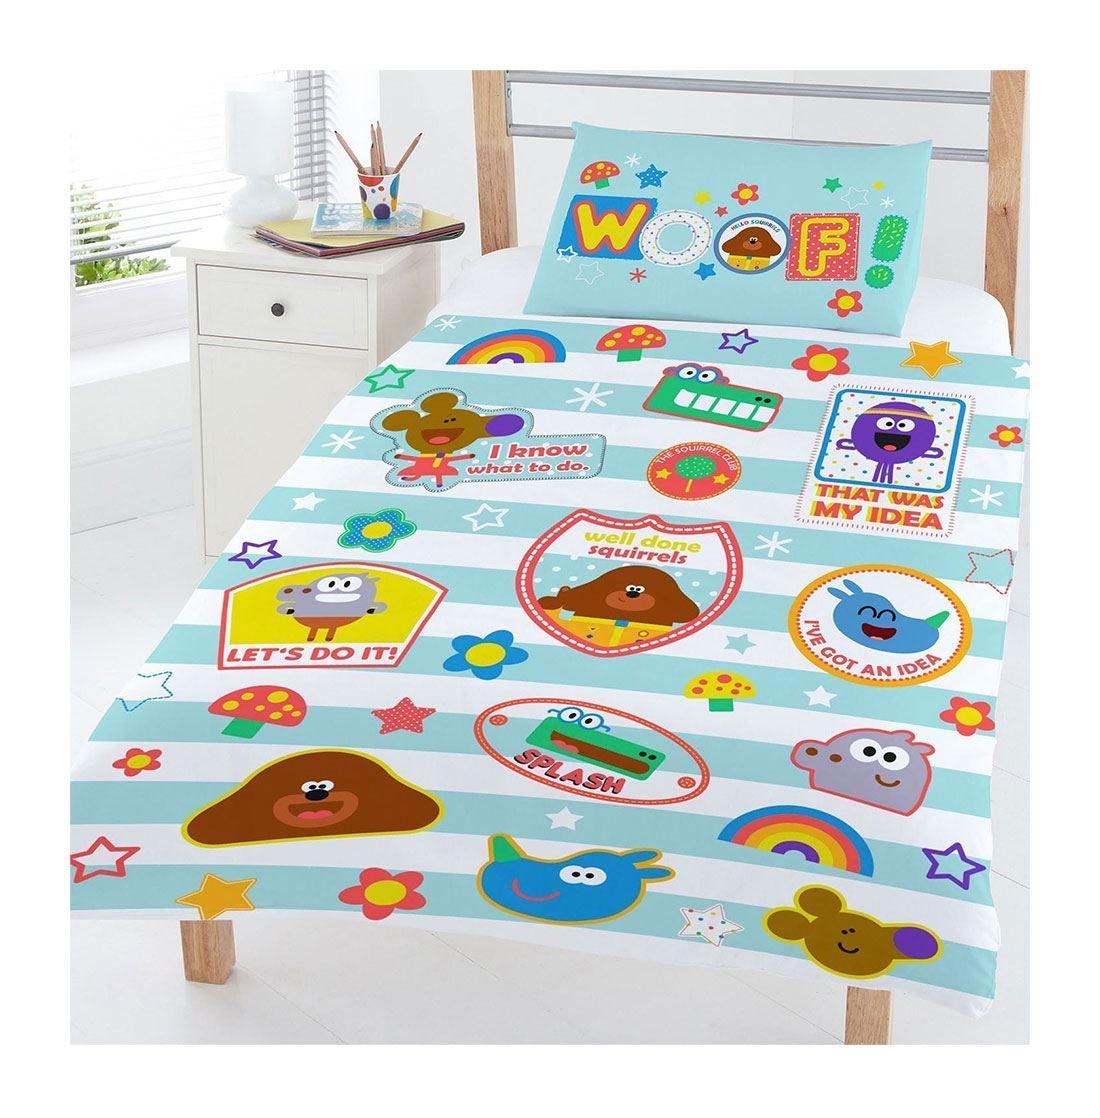 DIGITAL SPOT Kids Hey Duggee Woof Toddler Cot Bedding Set Kids Single Duvet Pillow Cover Set Single Size